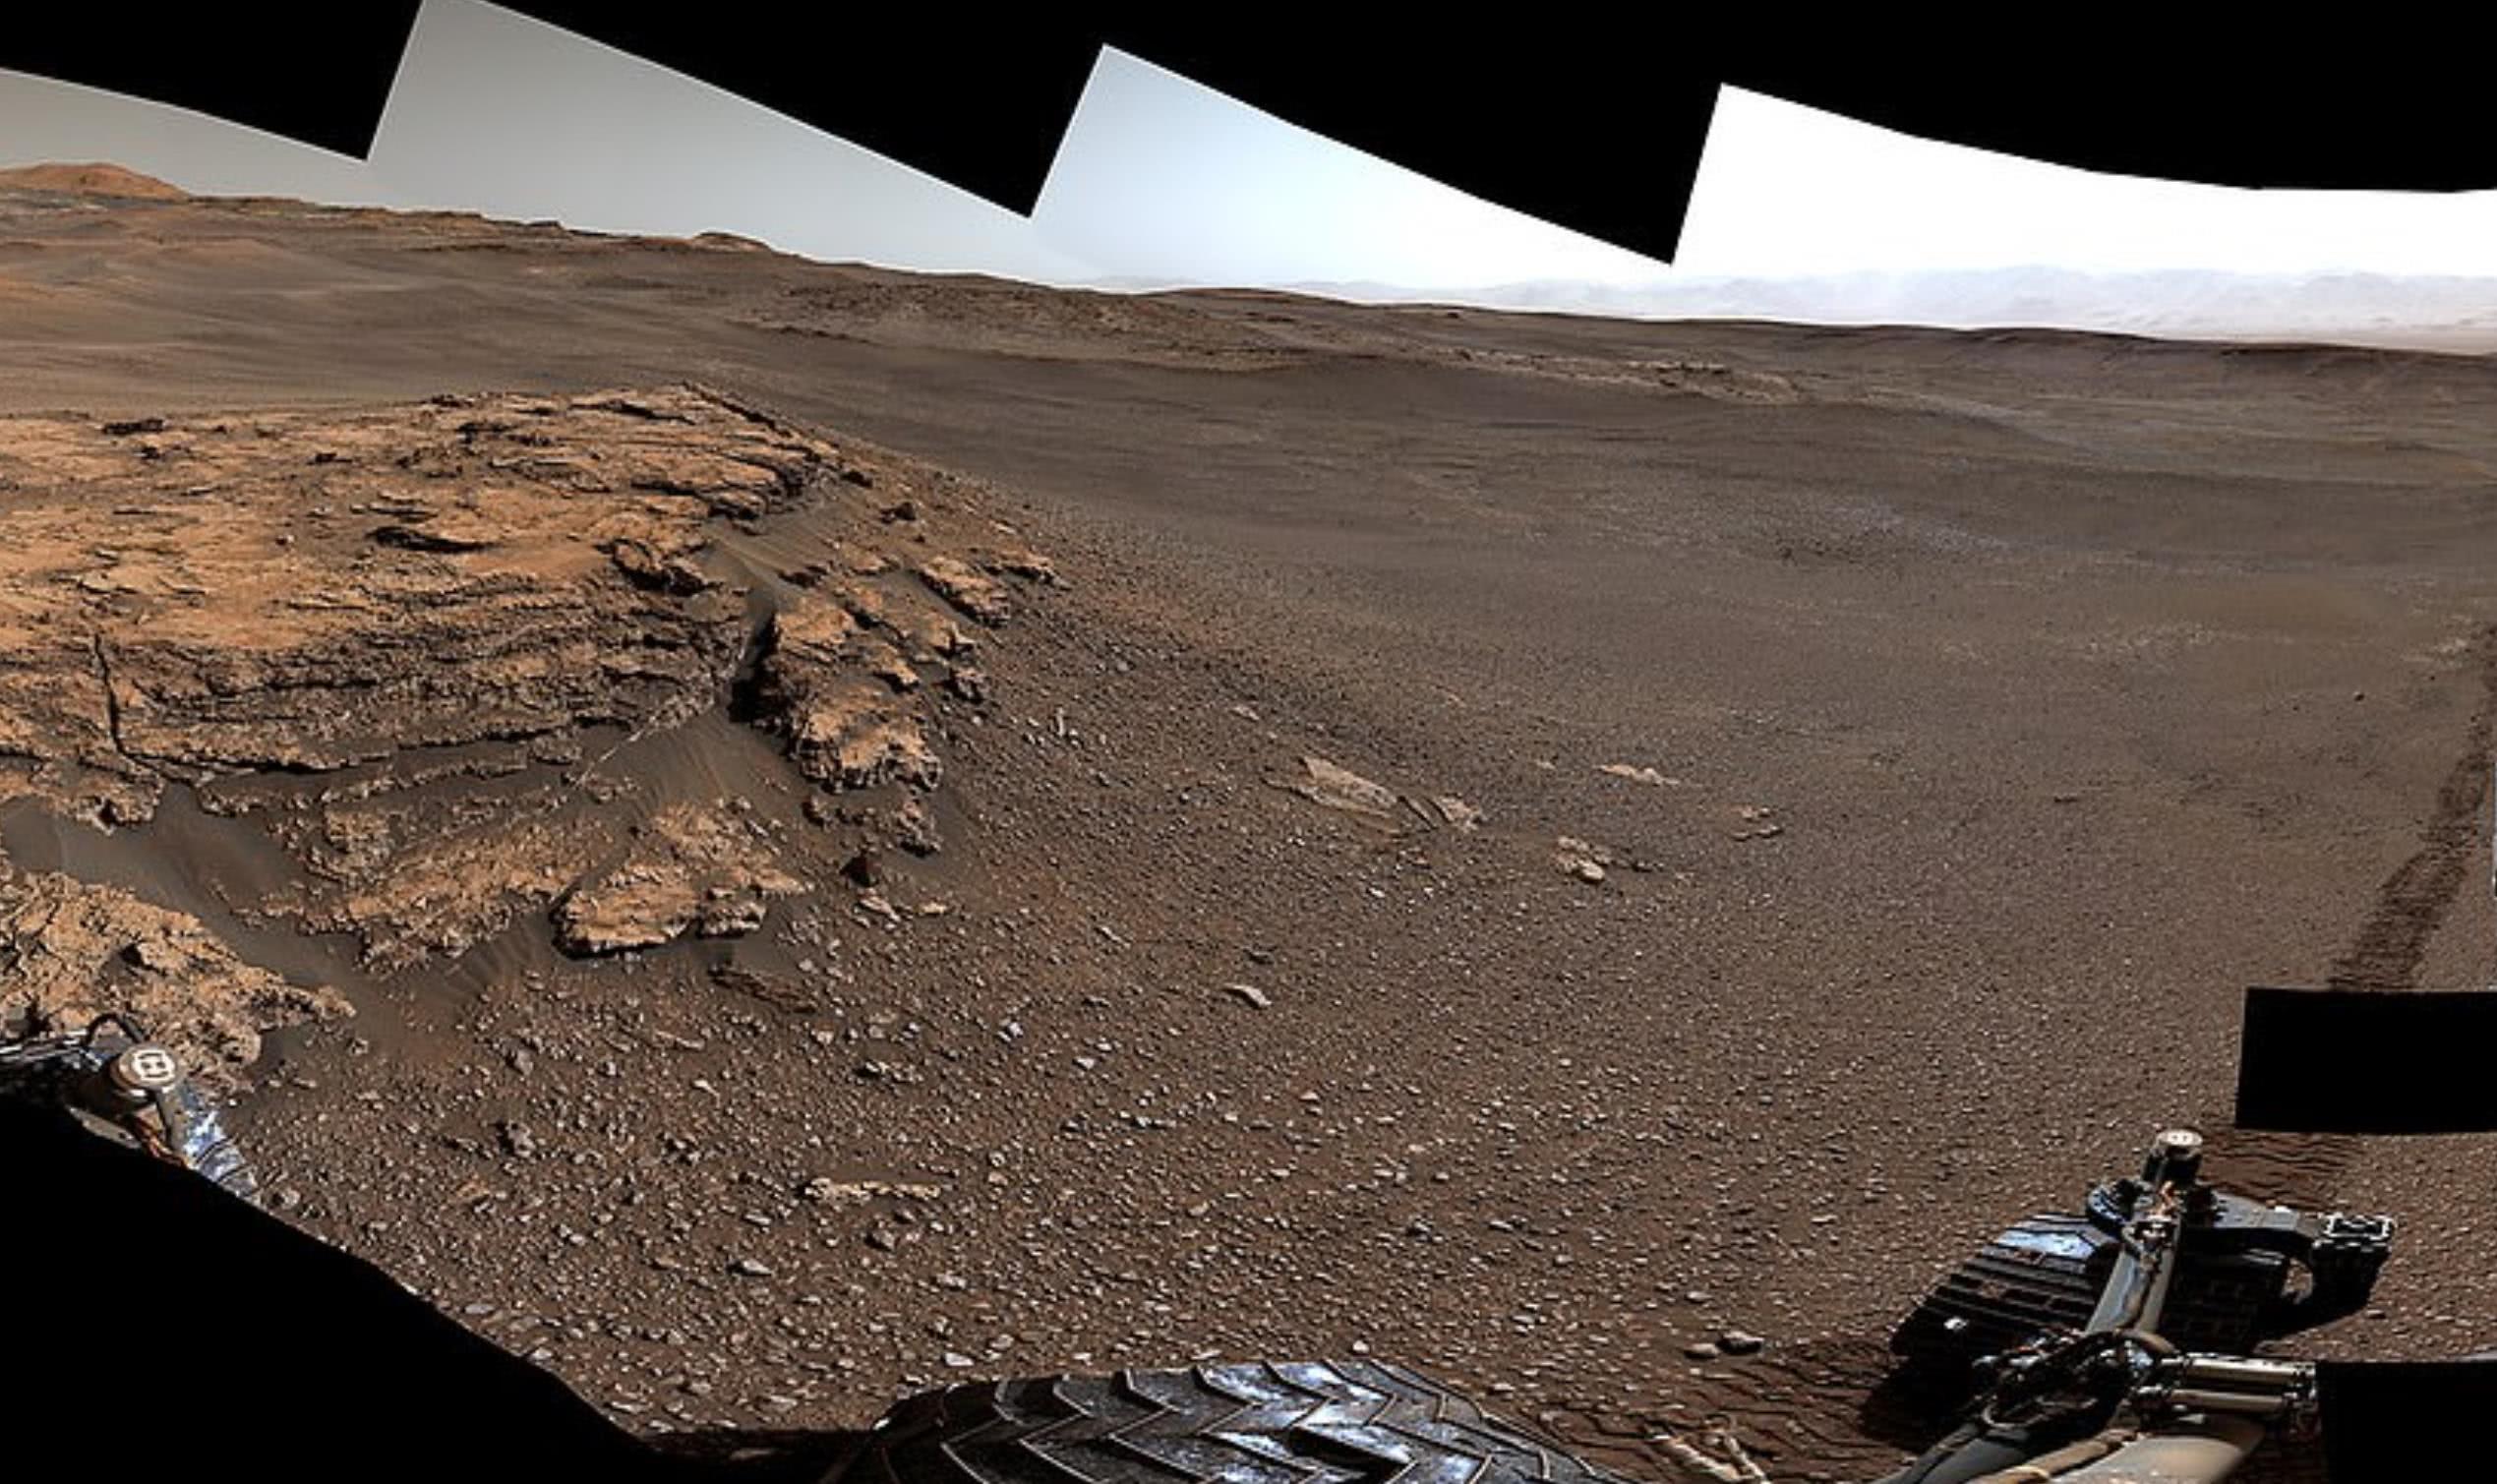 罕见,NASA公布迷人火星陨石坑画面,曾是湖泊和溪流家园